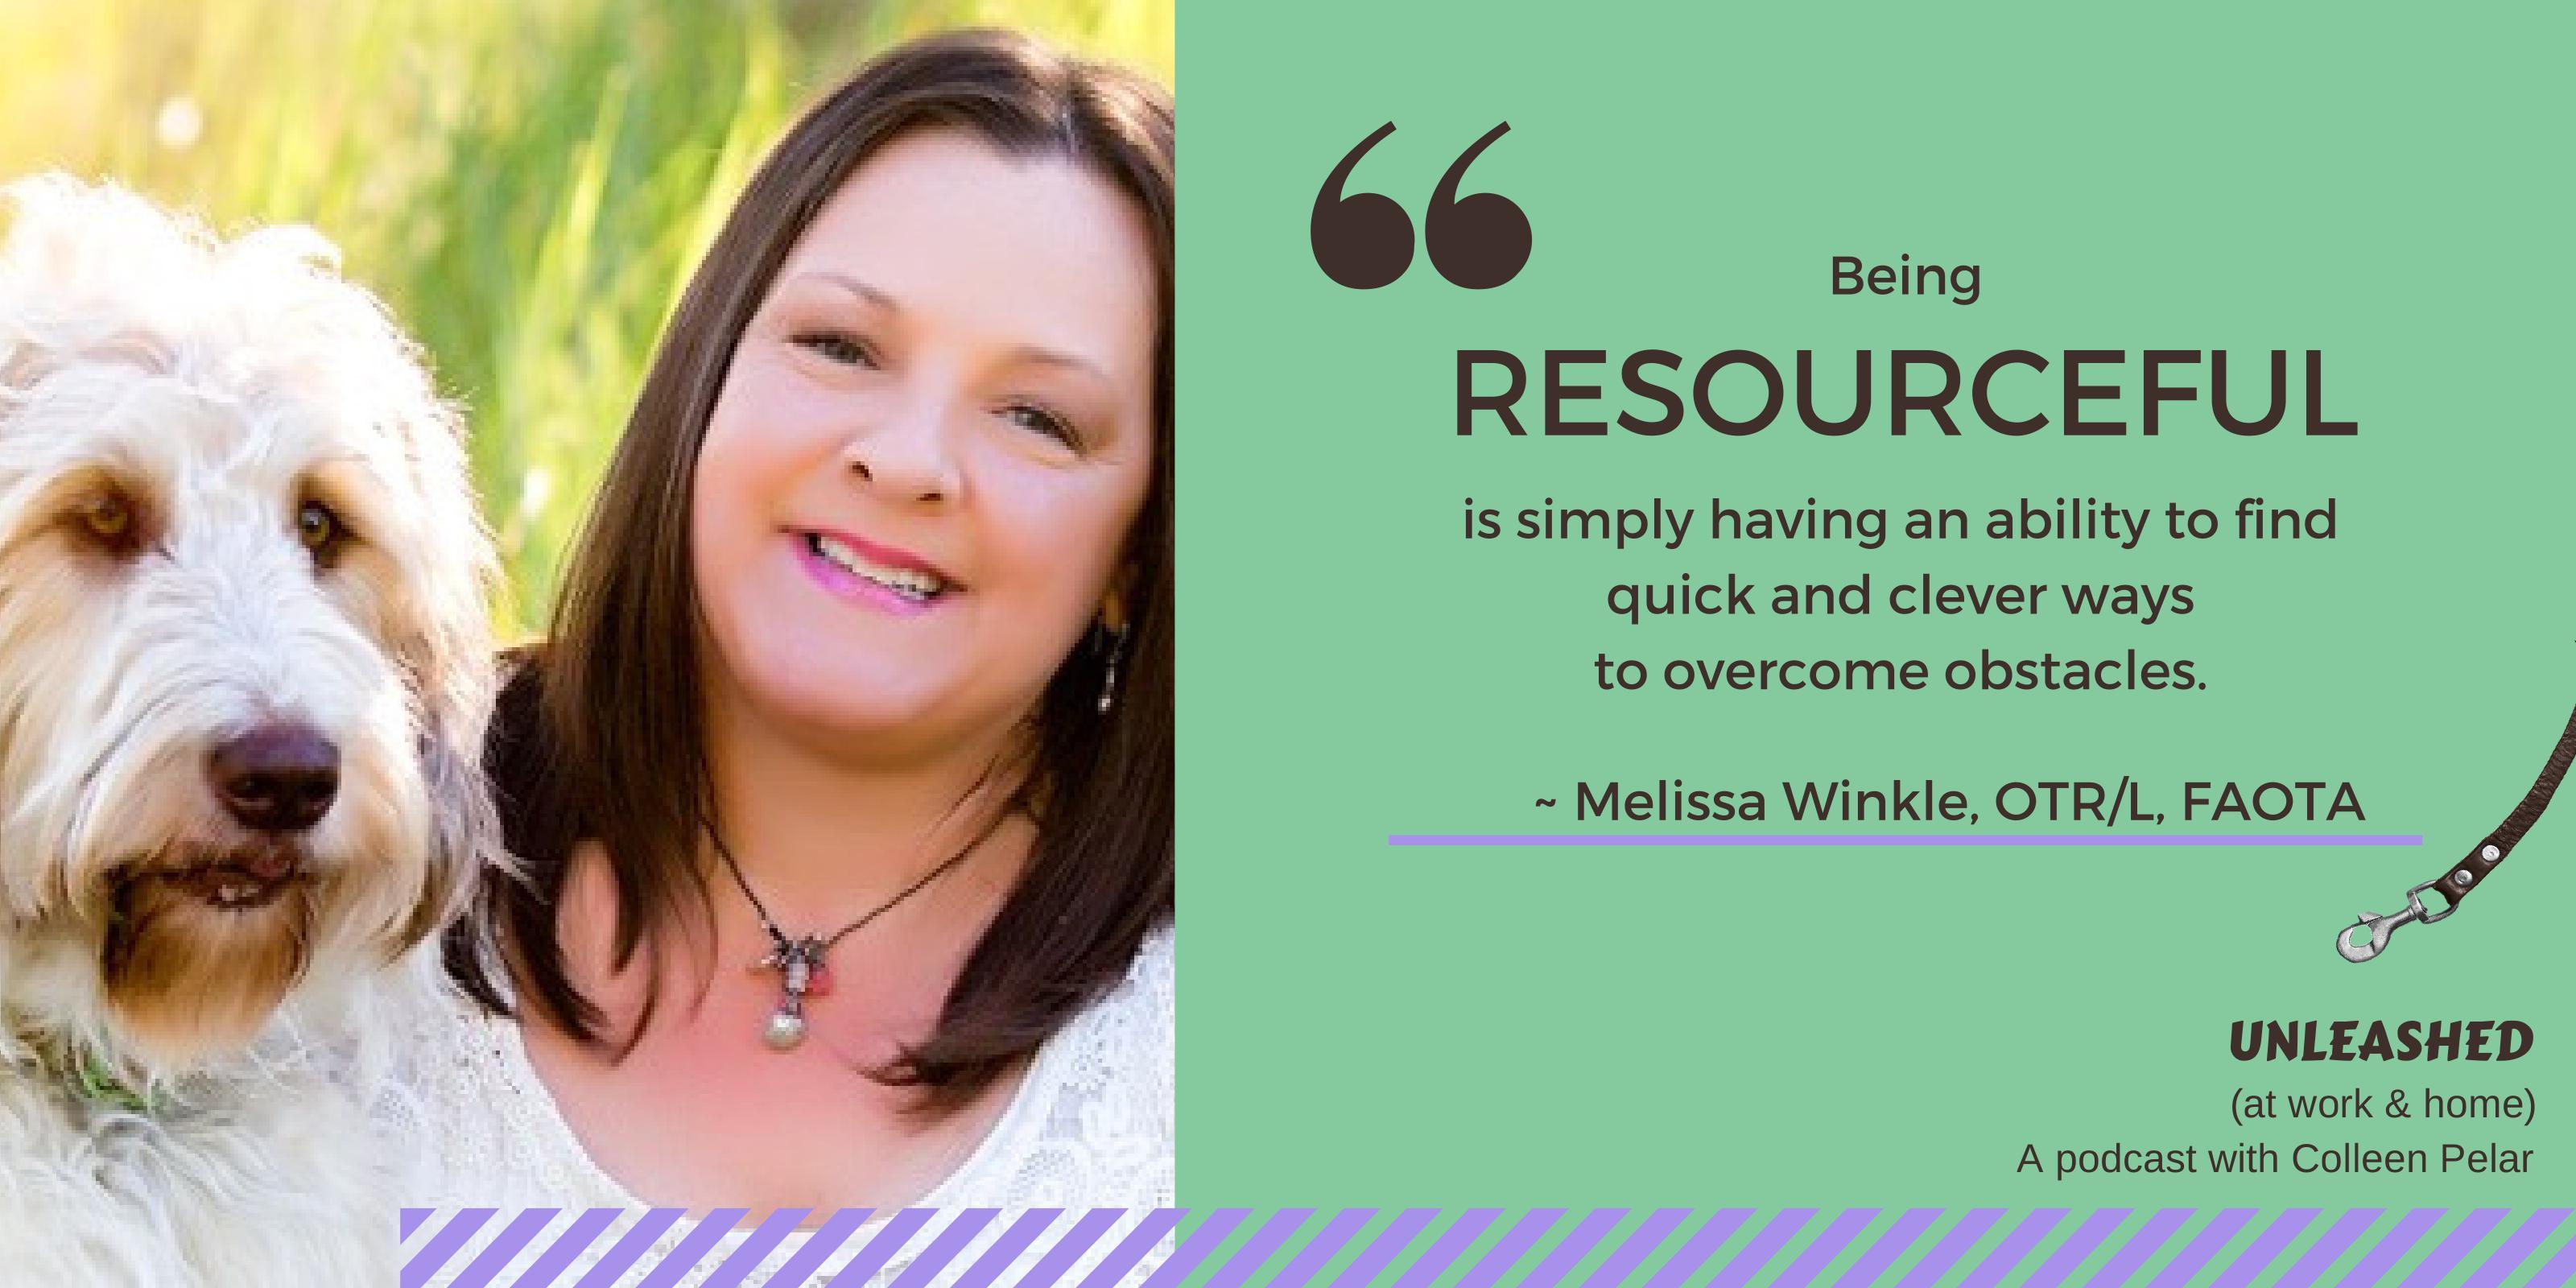 Melissa Winkle